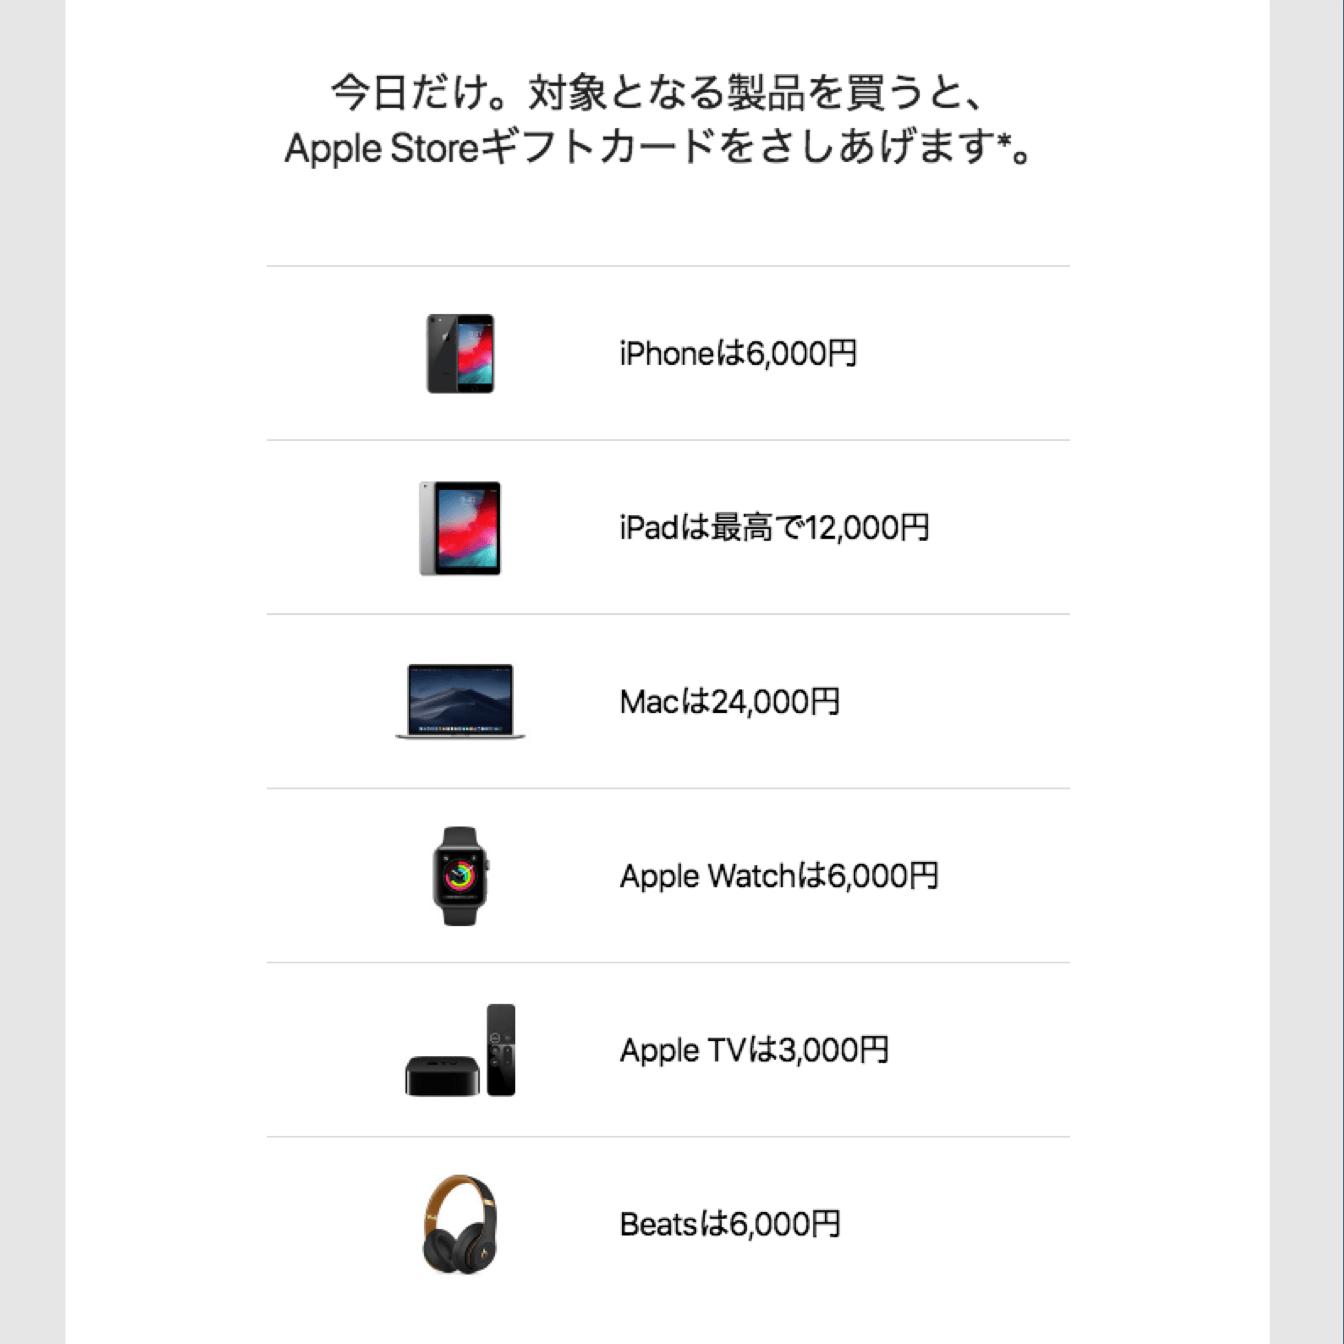 初売り対象のApple製品とギフトカードの金額です。